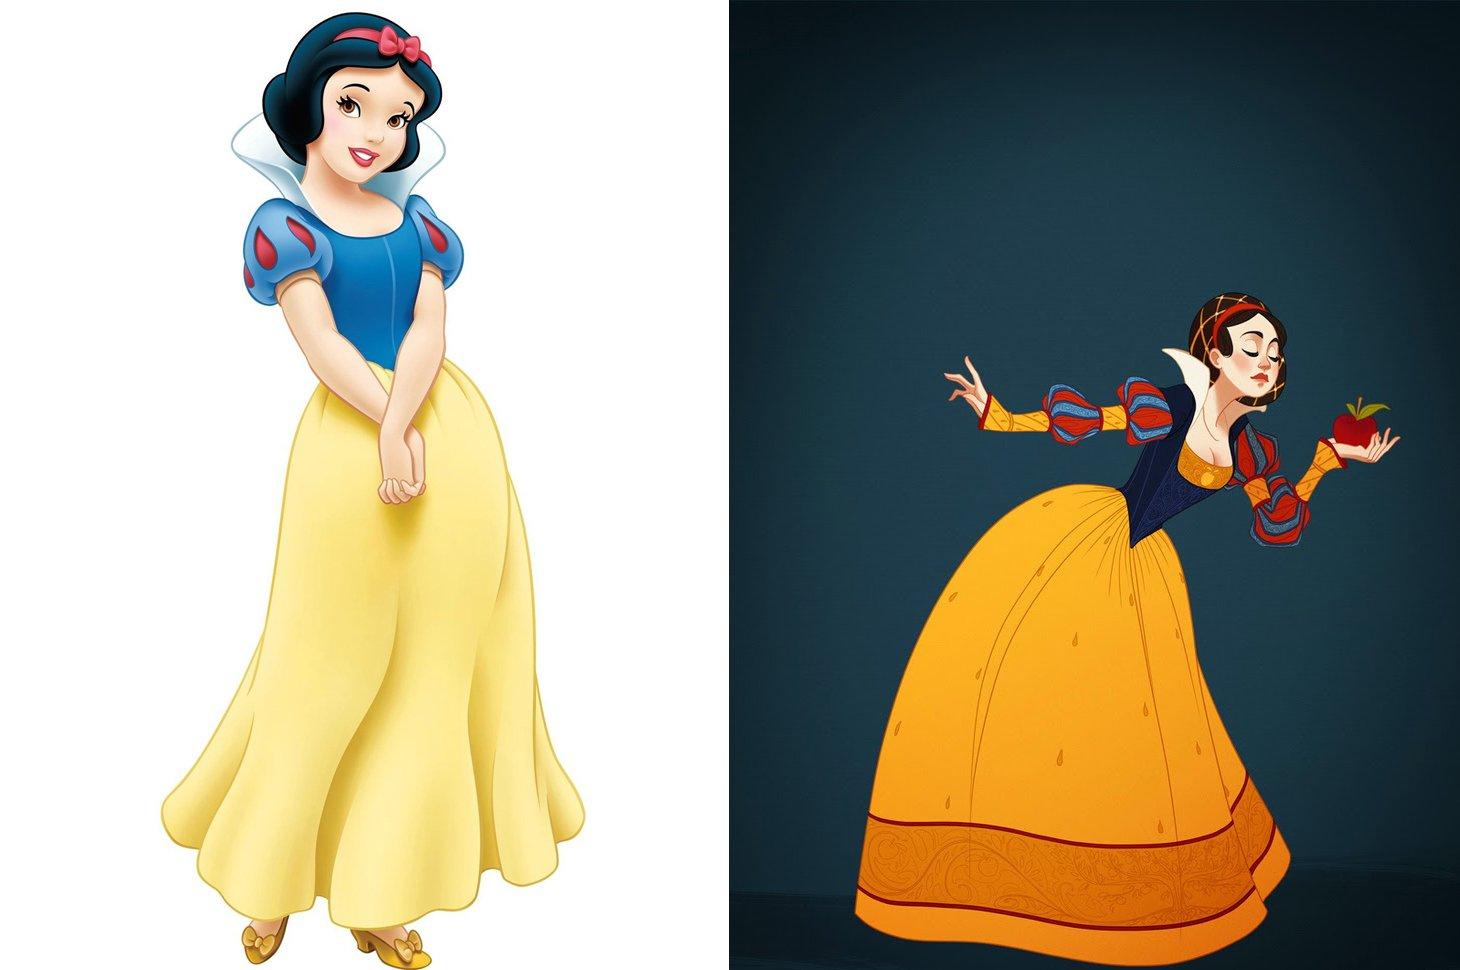 Princesas de disney vestidas seg n la poca de su historia for Muebles de princesas disney